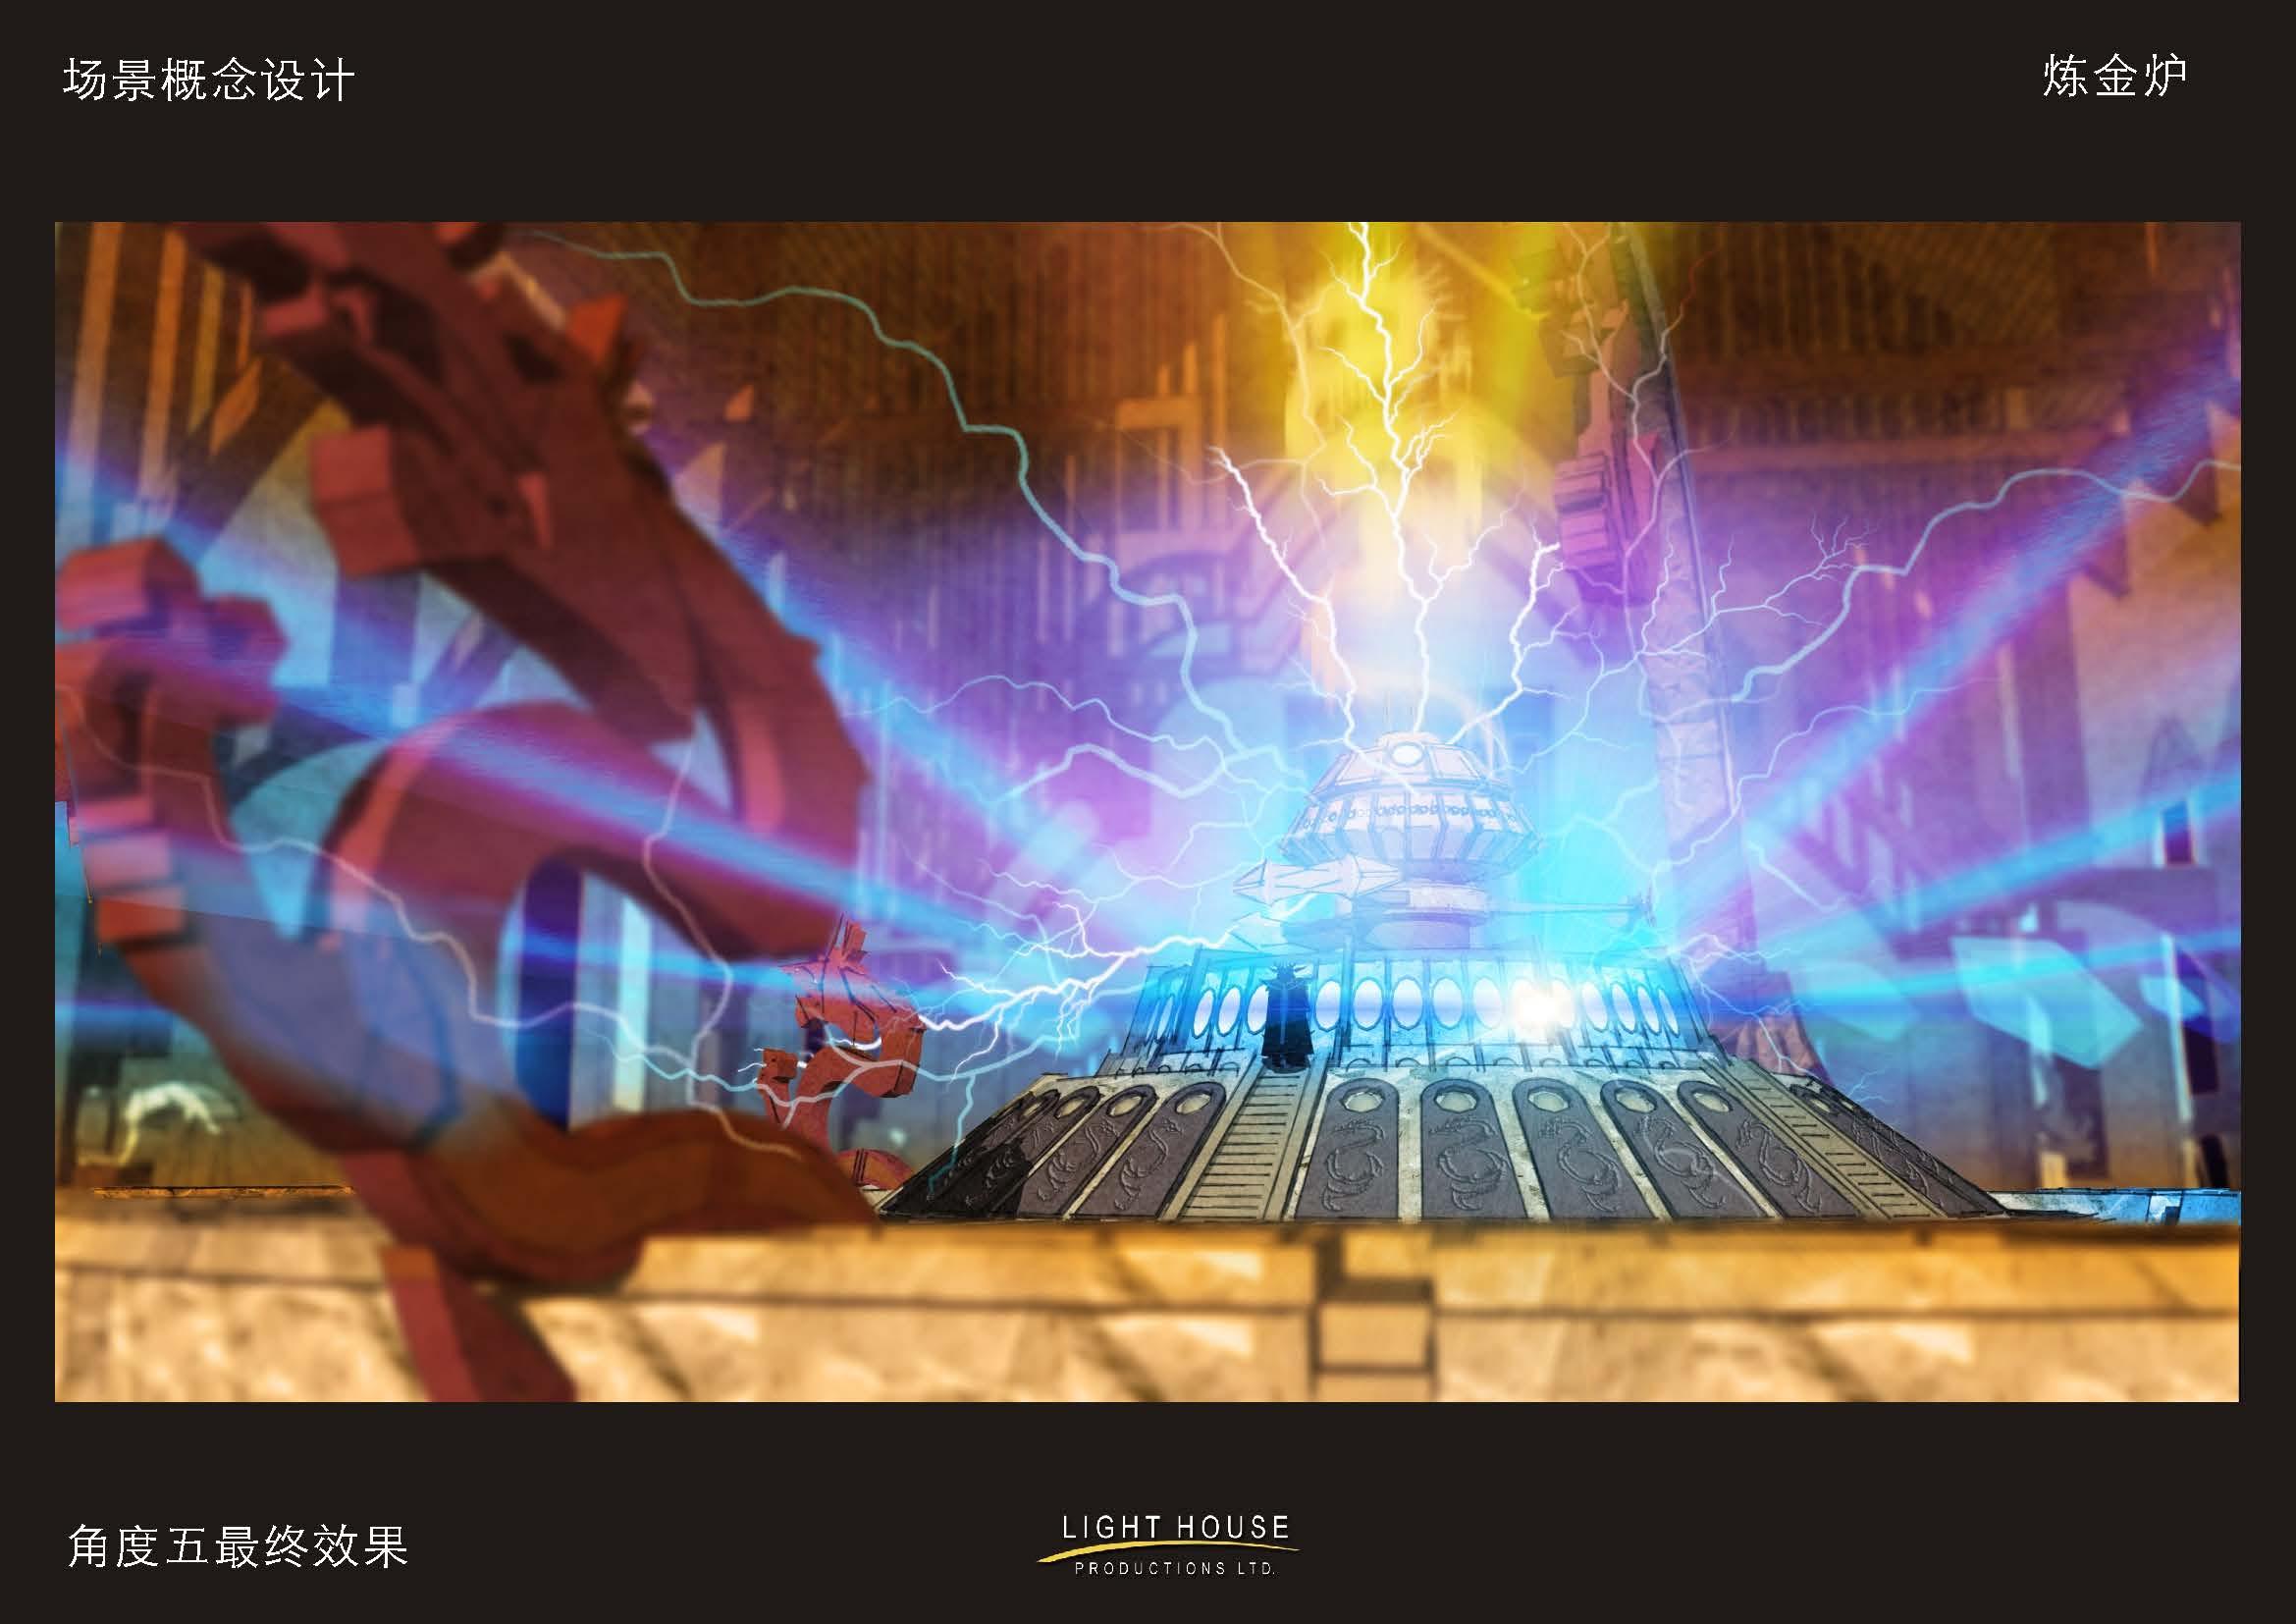 黄金魔力电影概念设计图横版_页面_07.jpg